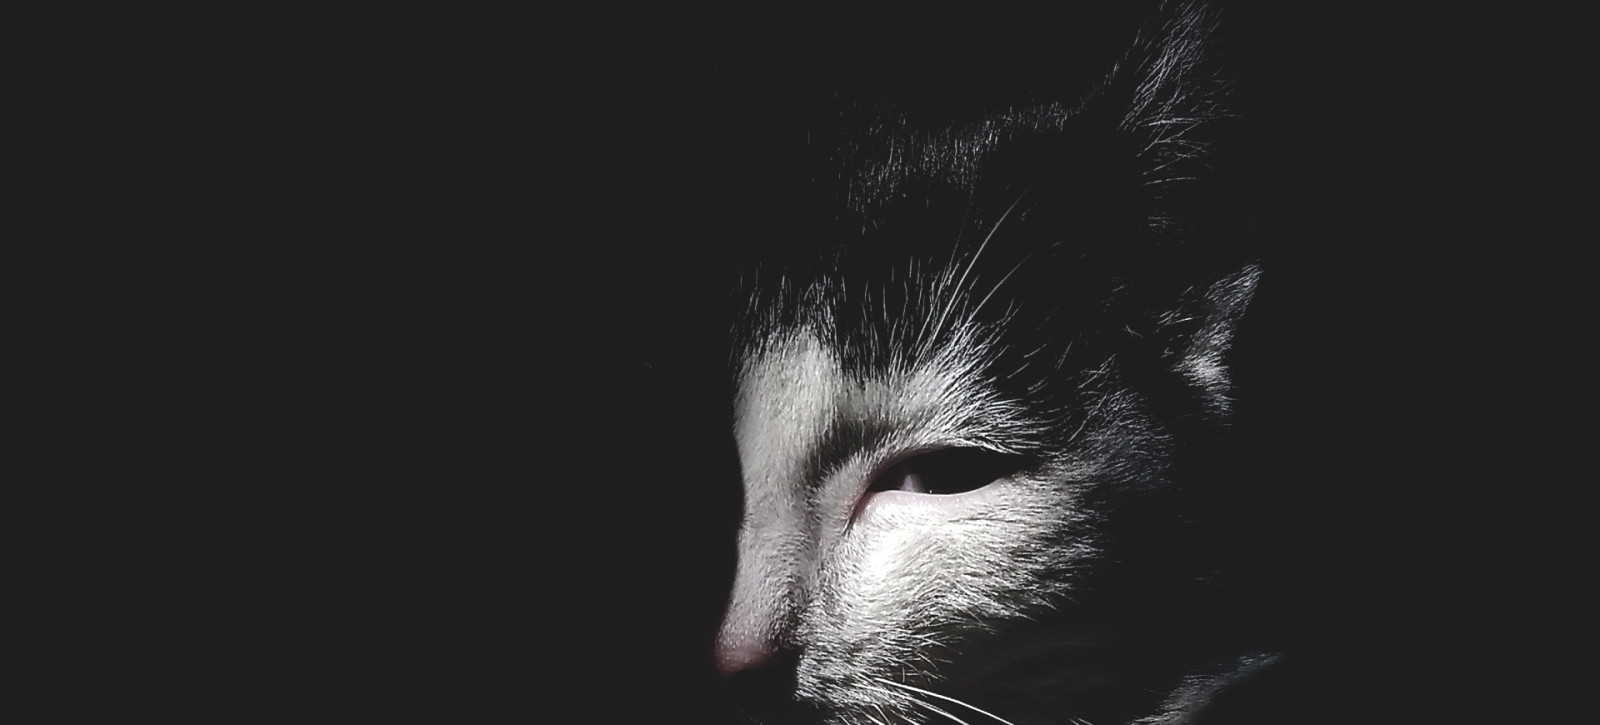 08_UTWORY__Anna Adamowicz__Animalia (2)